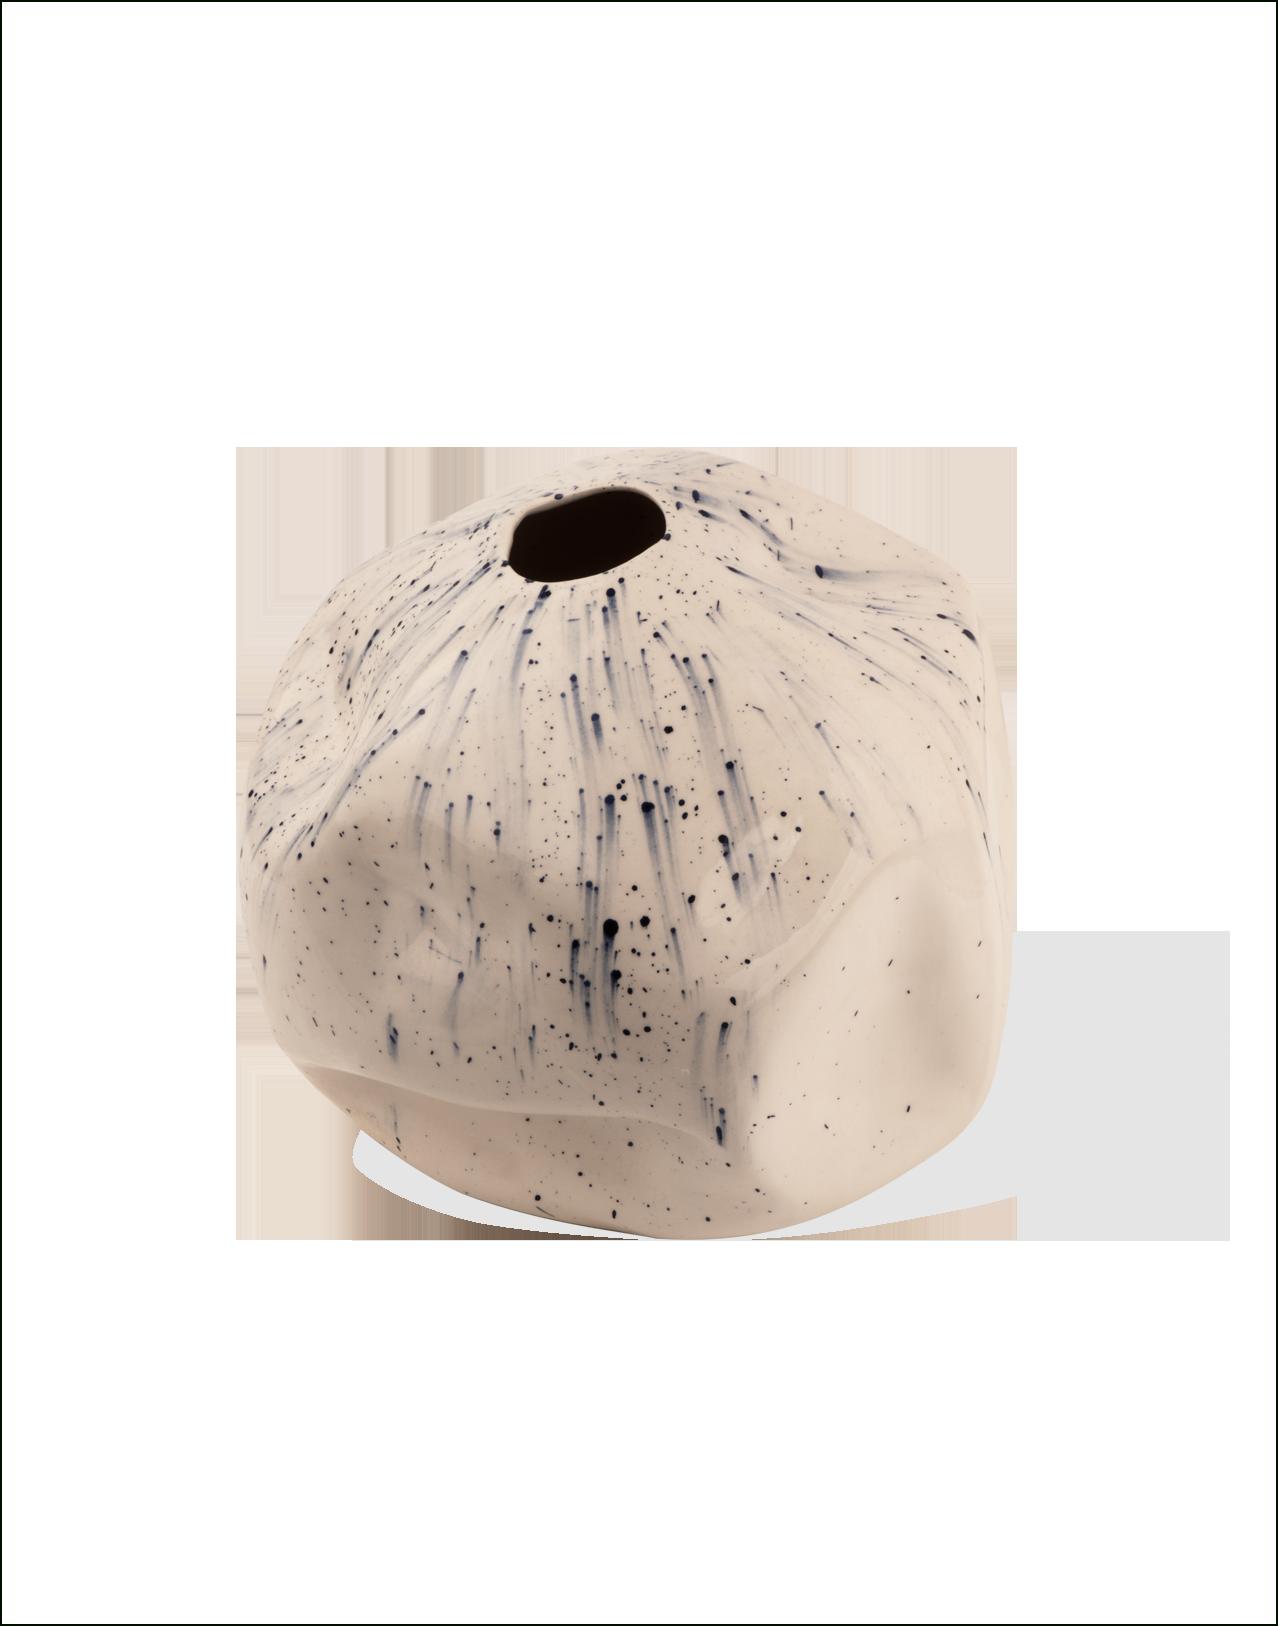 Completedworks-Ceramics-Object-16-5-1.png